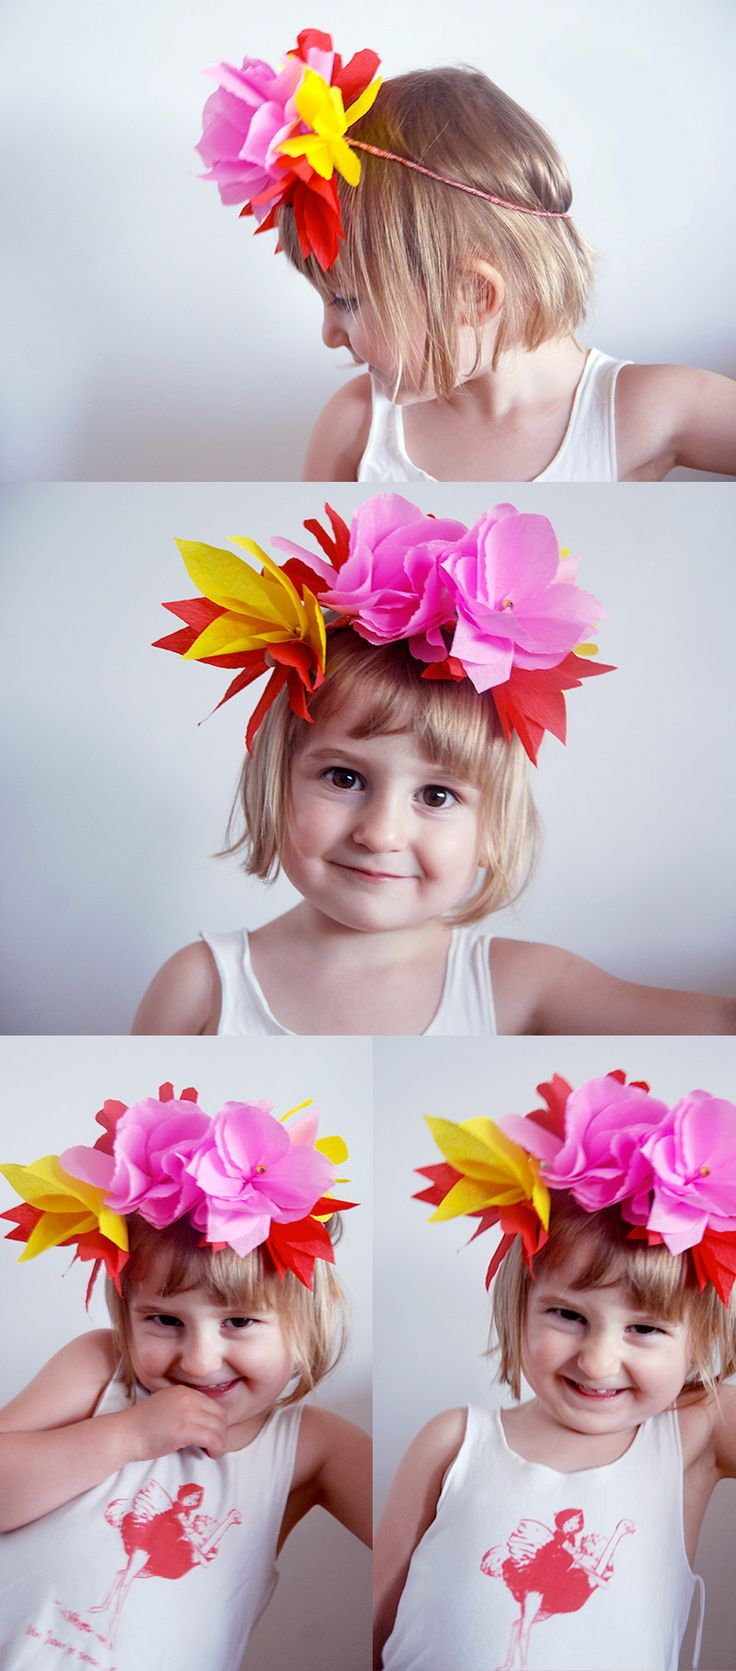 la jolie couronne de papier de Louison, pour l'anniversaire Tropical <3